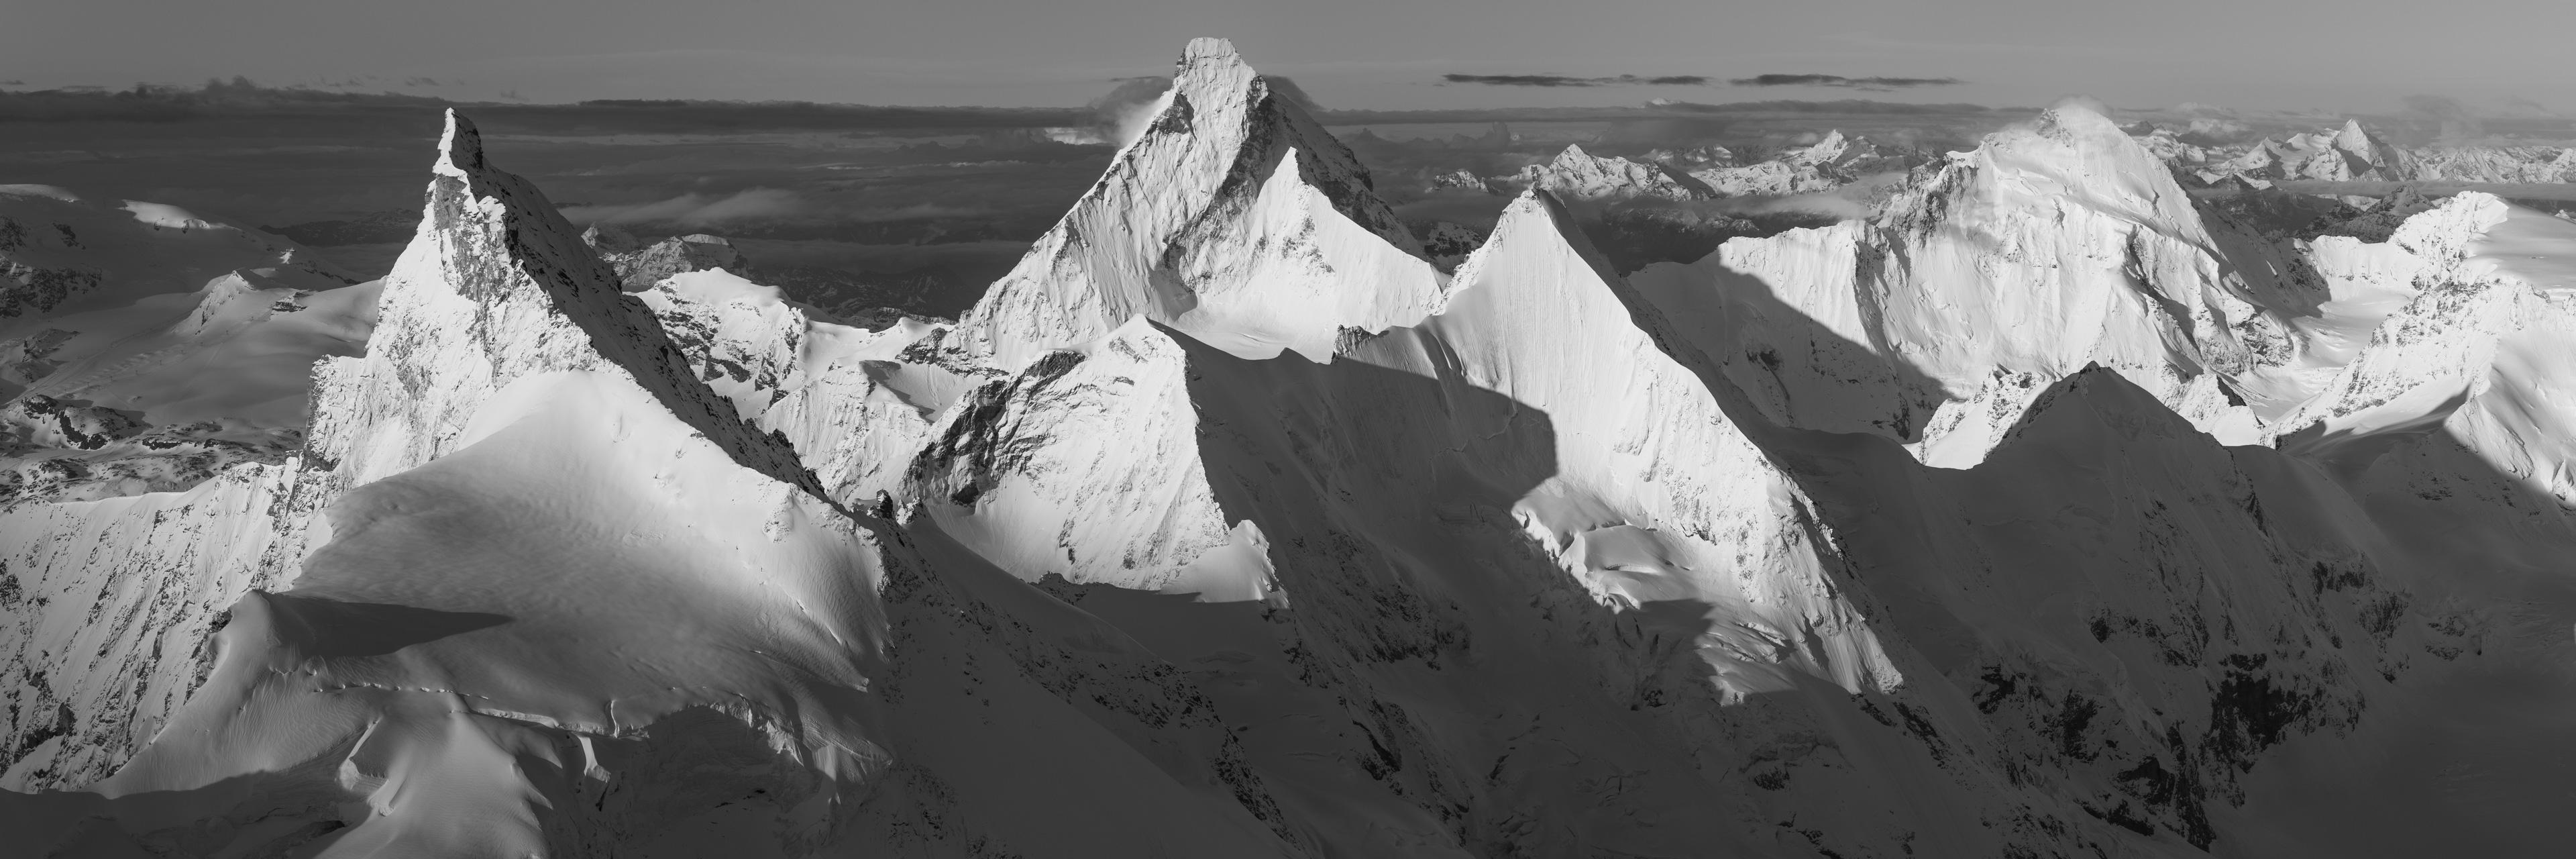 Photo panoramique noir et blanc de Zermatt et des alpes valaisannes